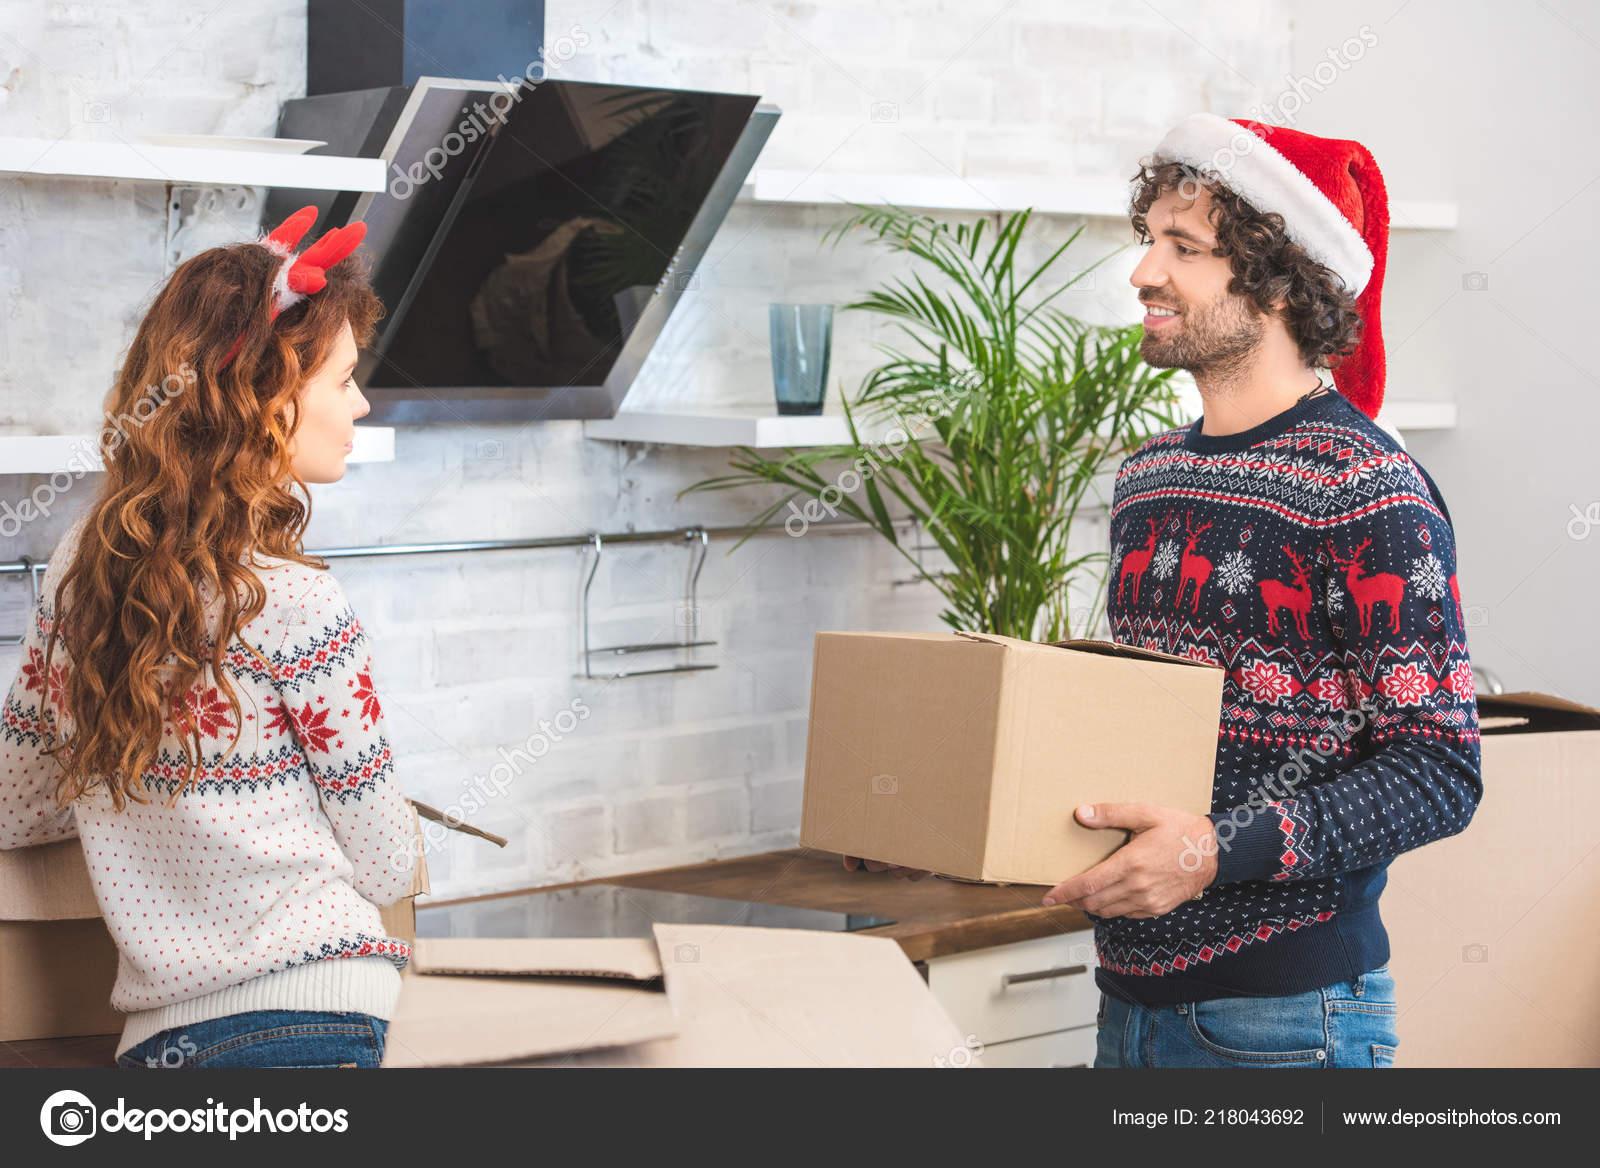 Gelukkige jonge paar uitpakken karton vakken nieuwe huis kerst